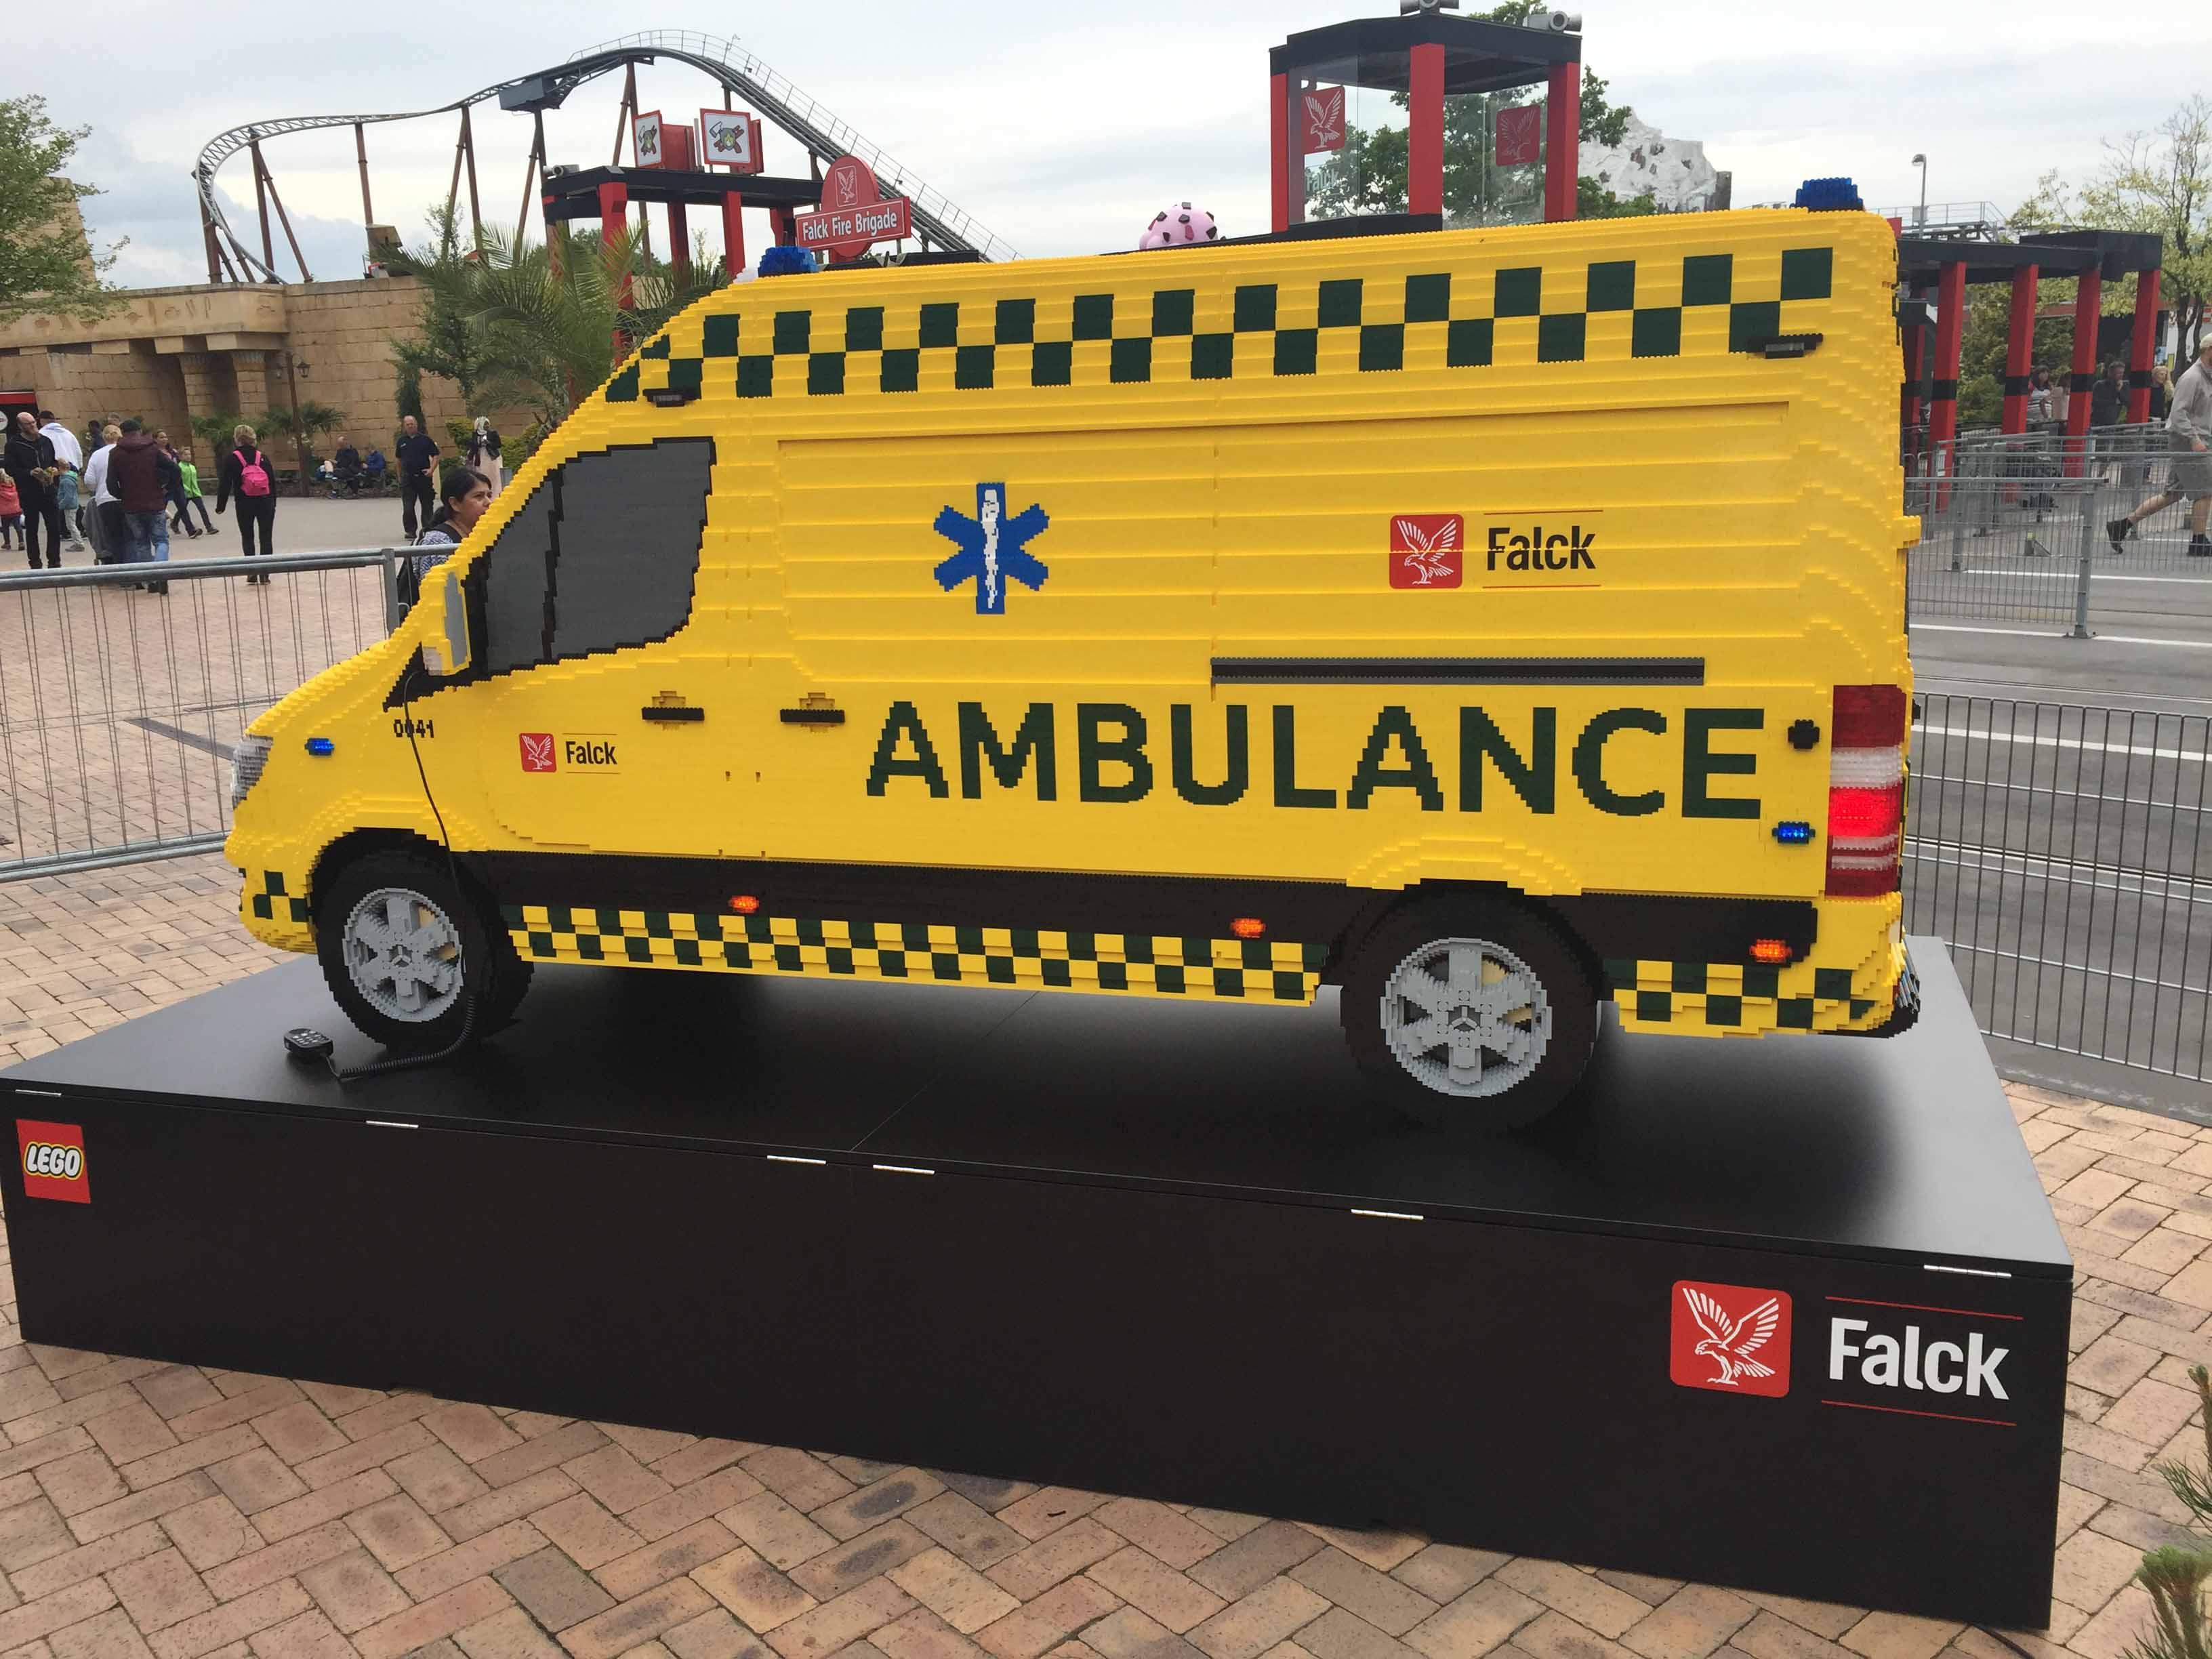 LEGO-ambulance (1)